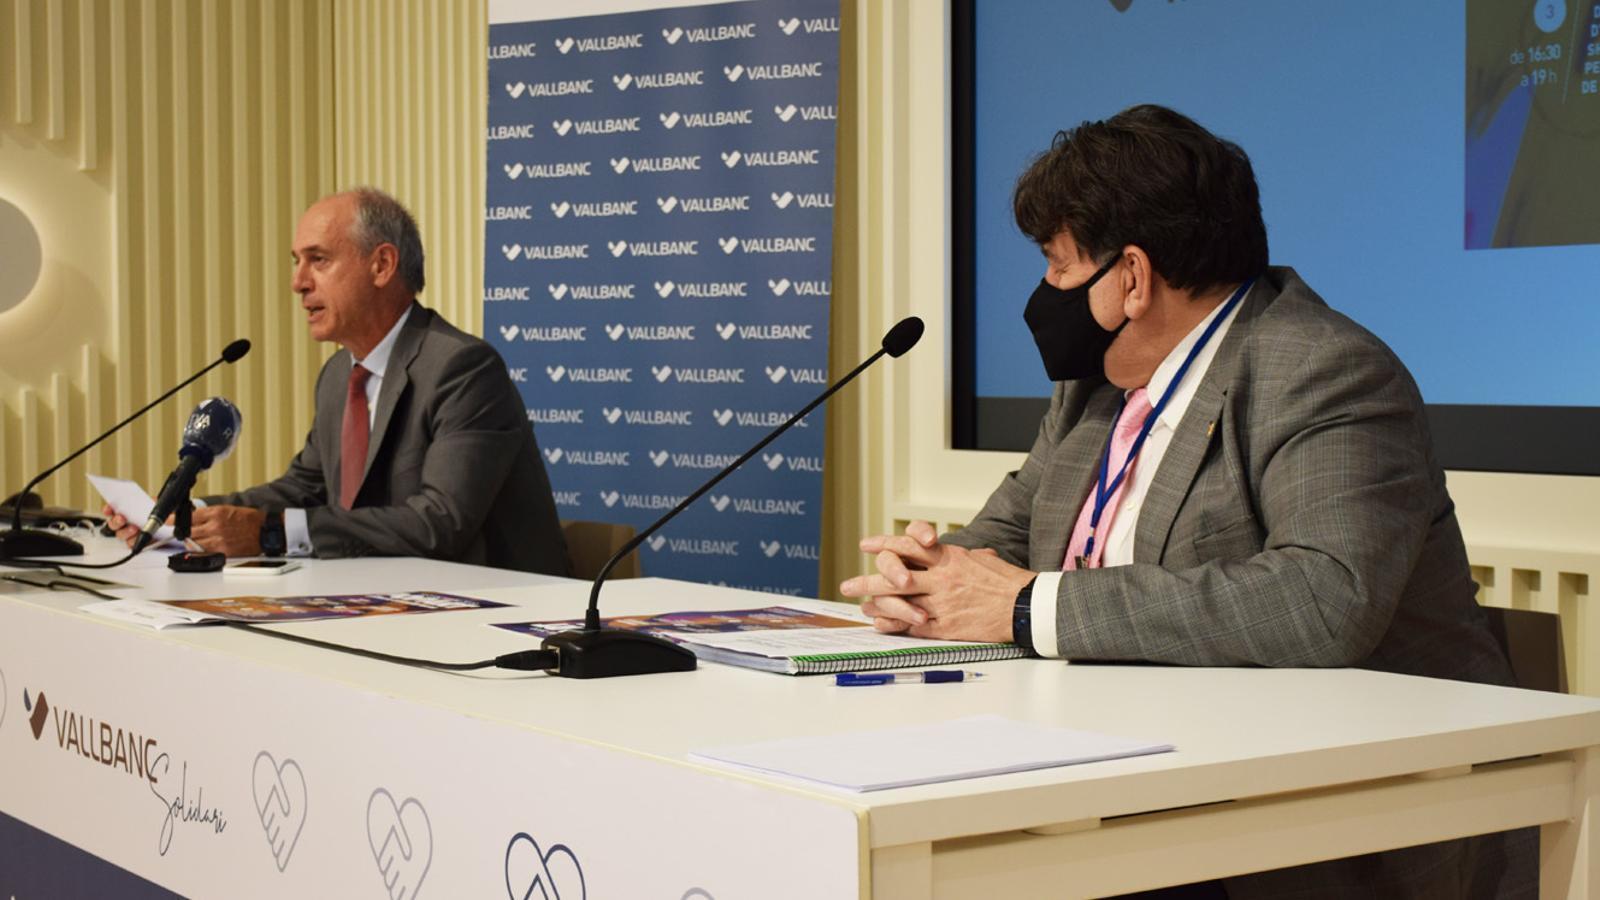 El director general de Vall Banc, José Luis Dorado, i el president d'Assandca, Josep Saravia, durant la roda de premsa celebrada aquest dimarts / MP